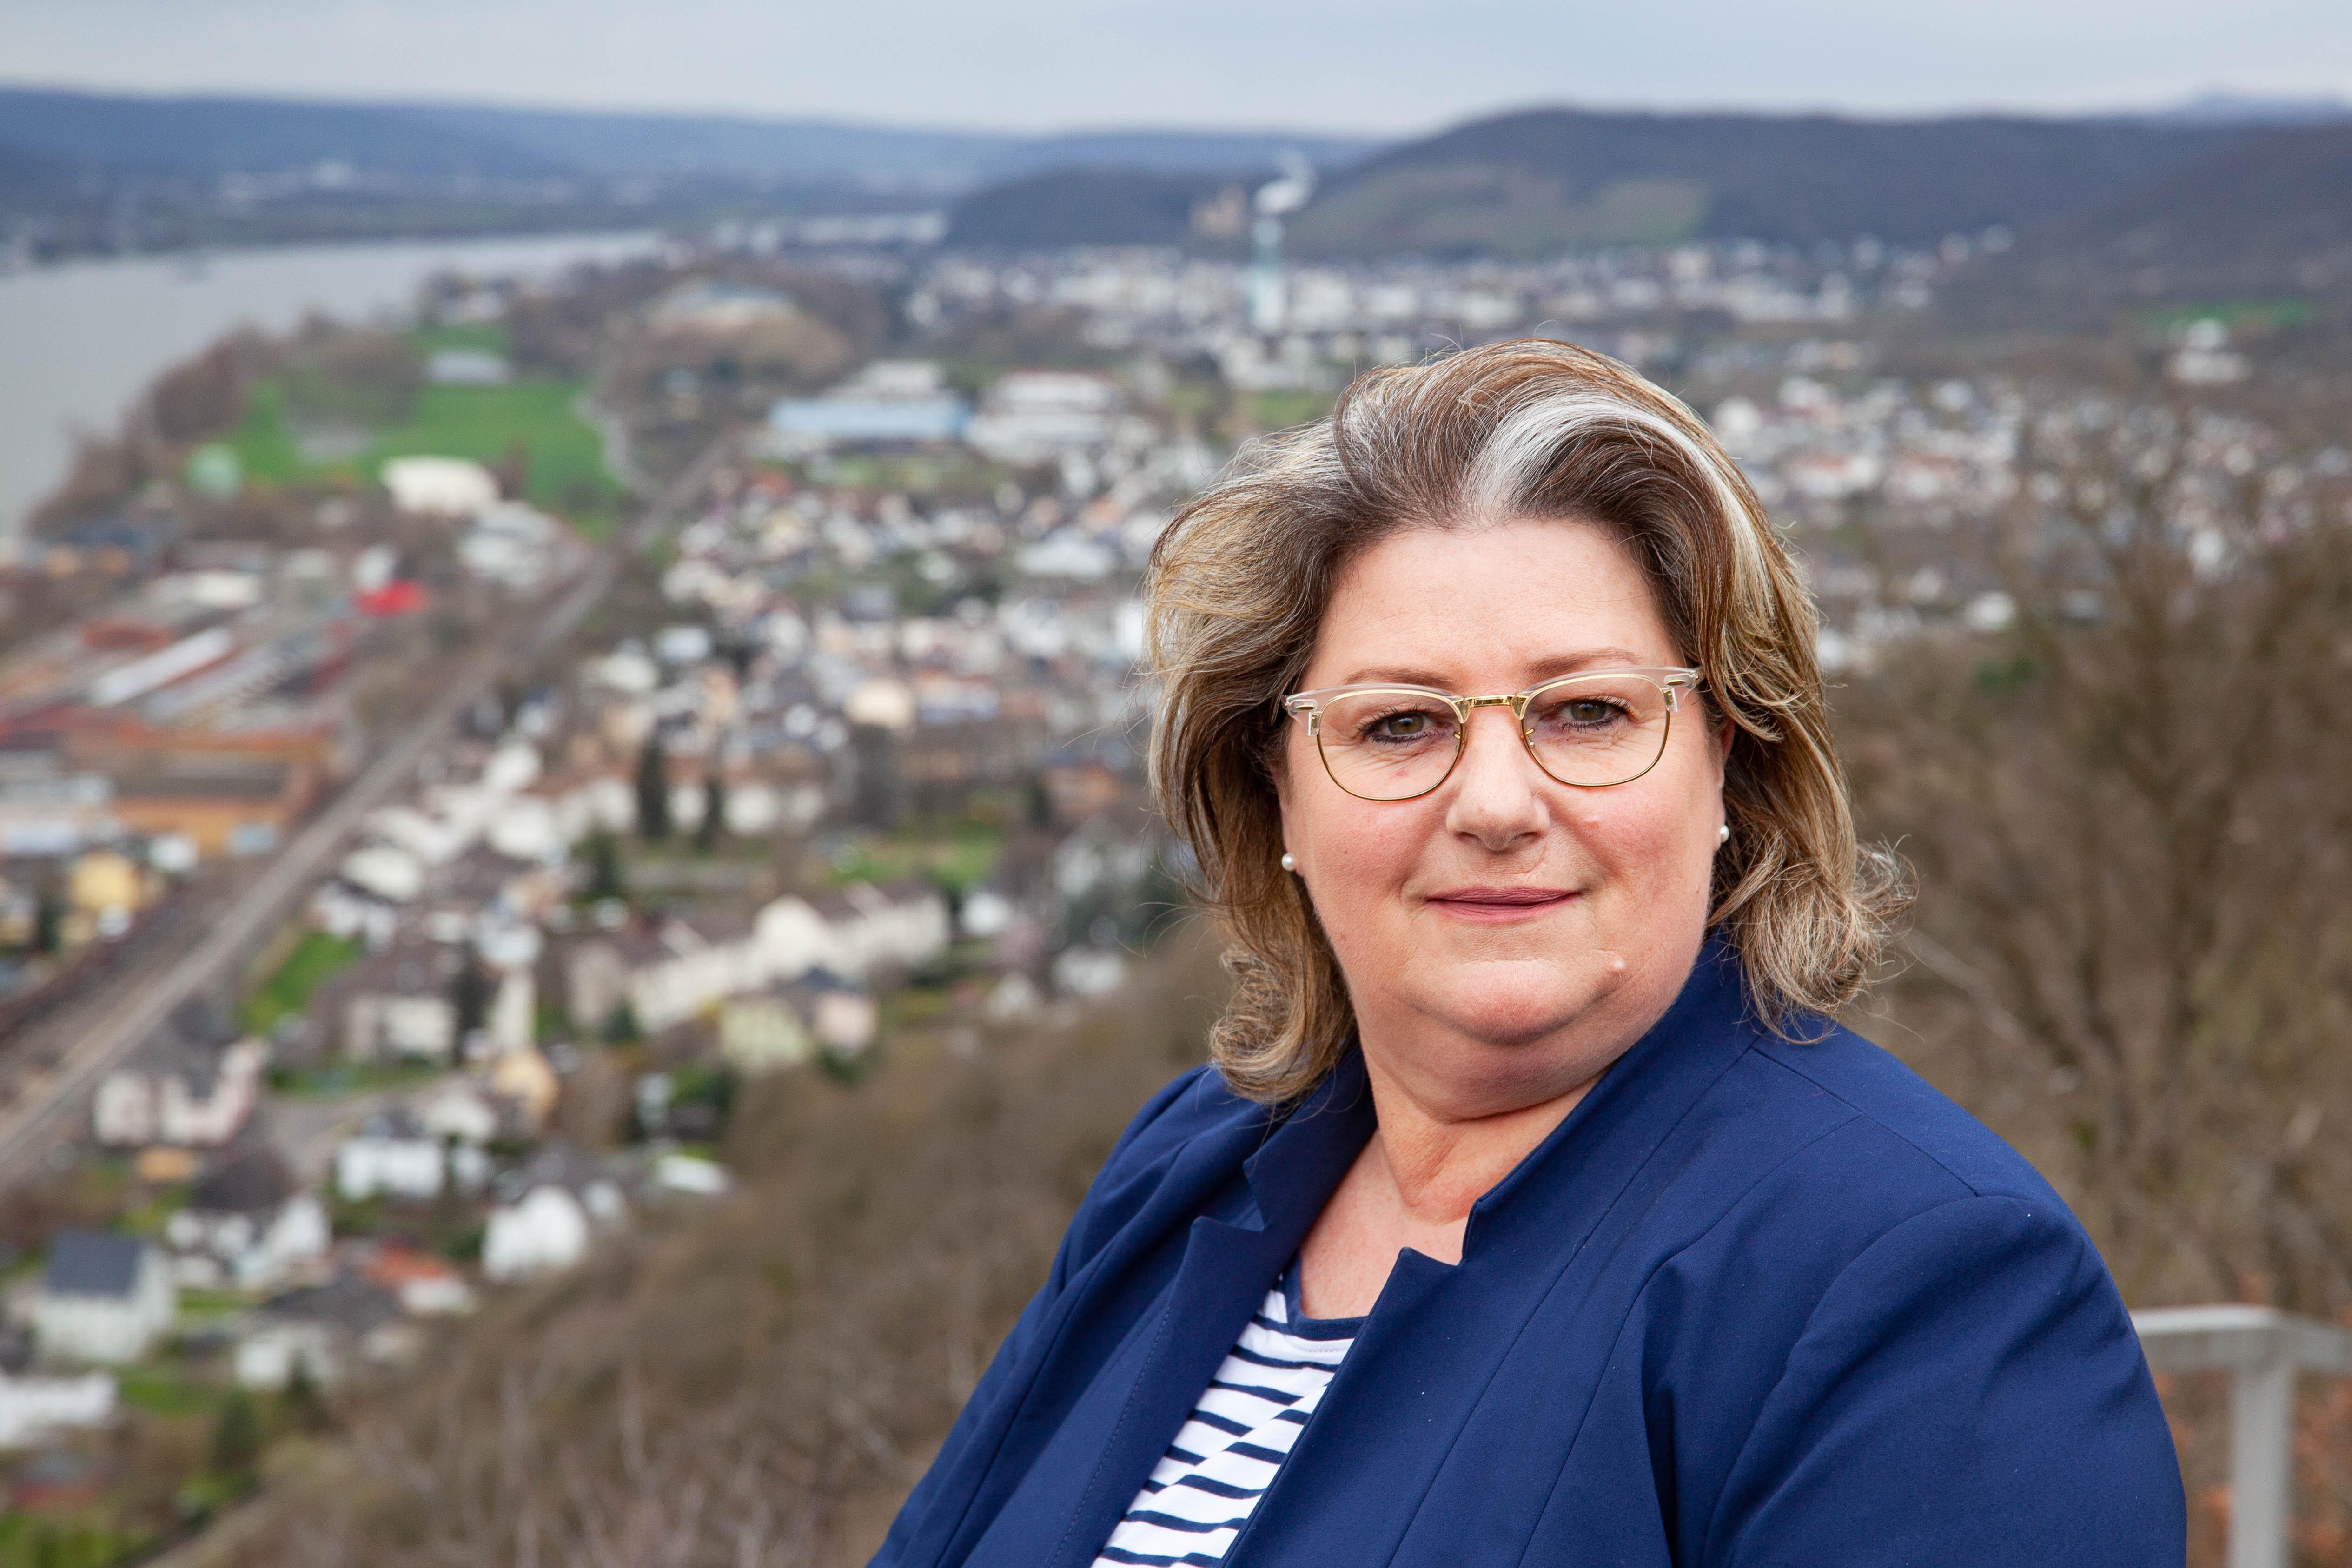 Petra Stirnberg sagt Wahlkampf-Termine ab - Gesundheit hat Priorität